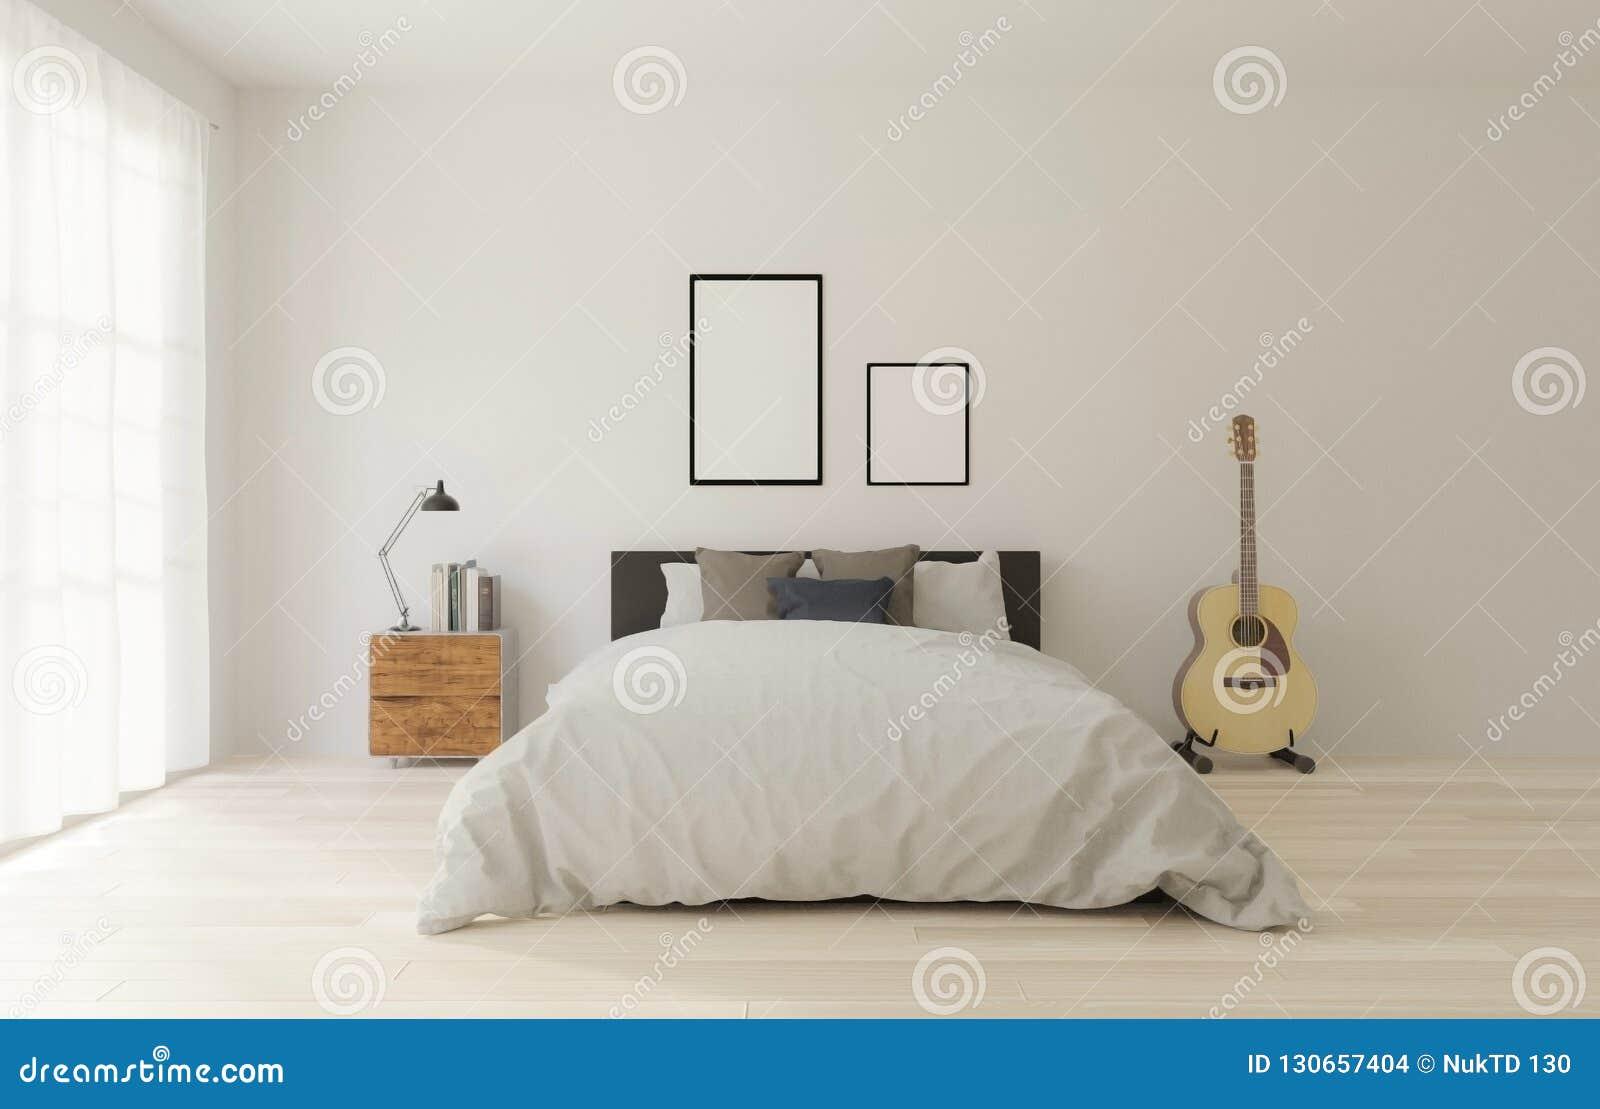 Slaapkamer Houten Vloer : D het teruggeven slaapkamer van de zolderstijl met witte omhoog